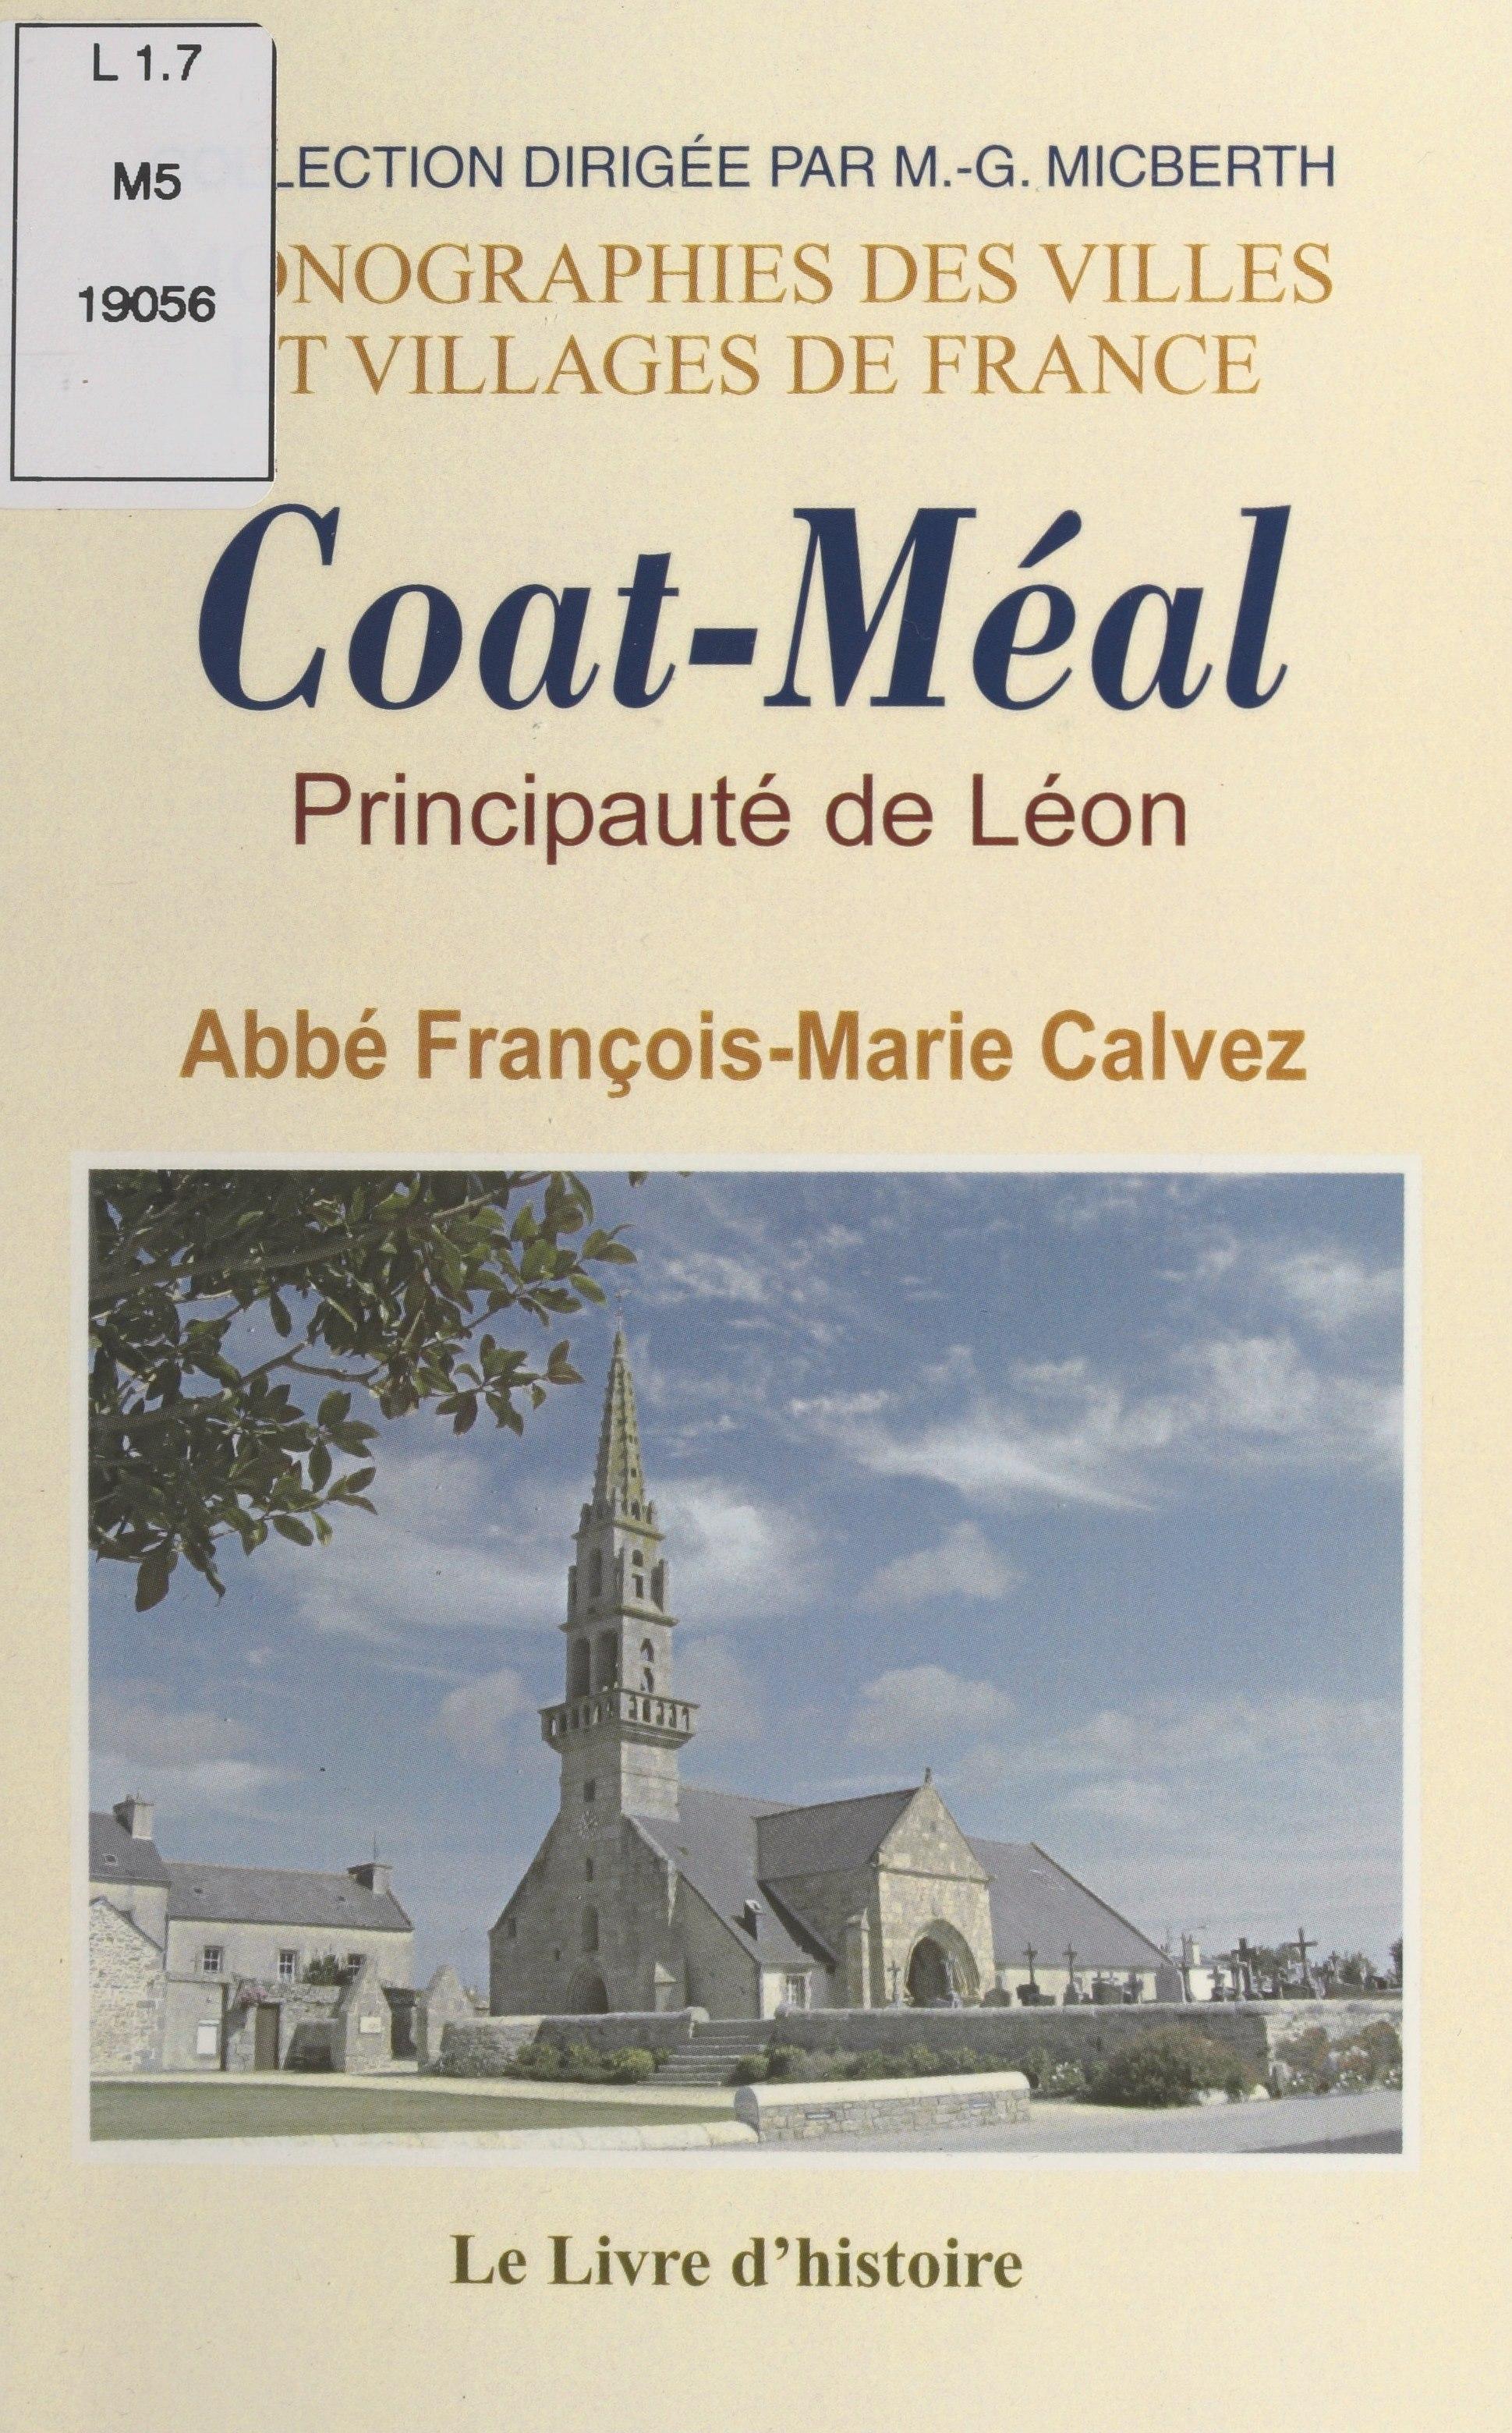 Coat-Méal